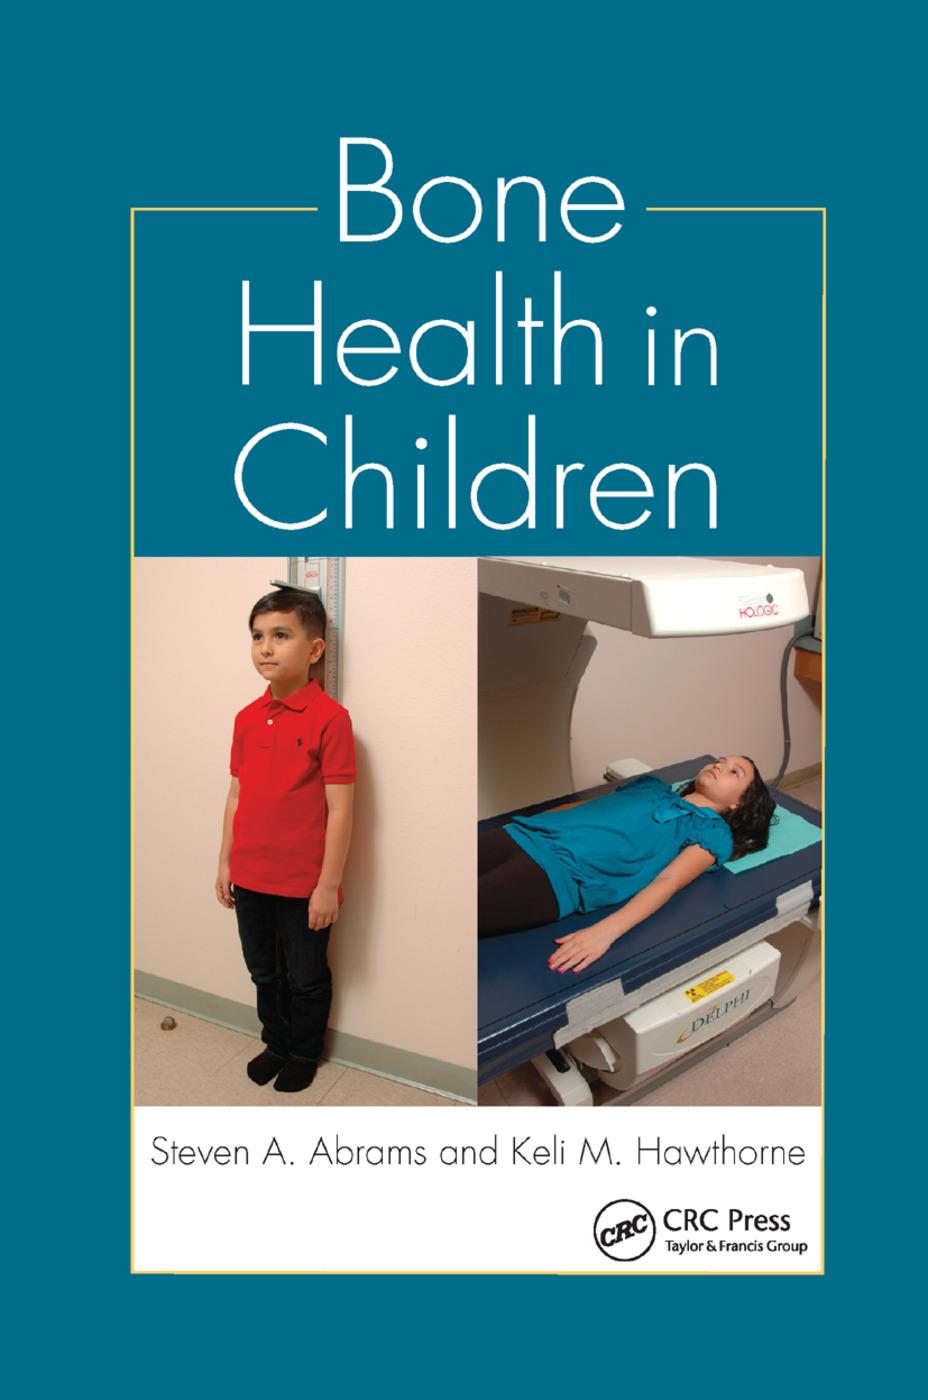 Bone Health in Children book cover